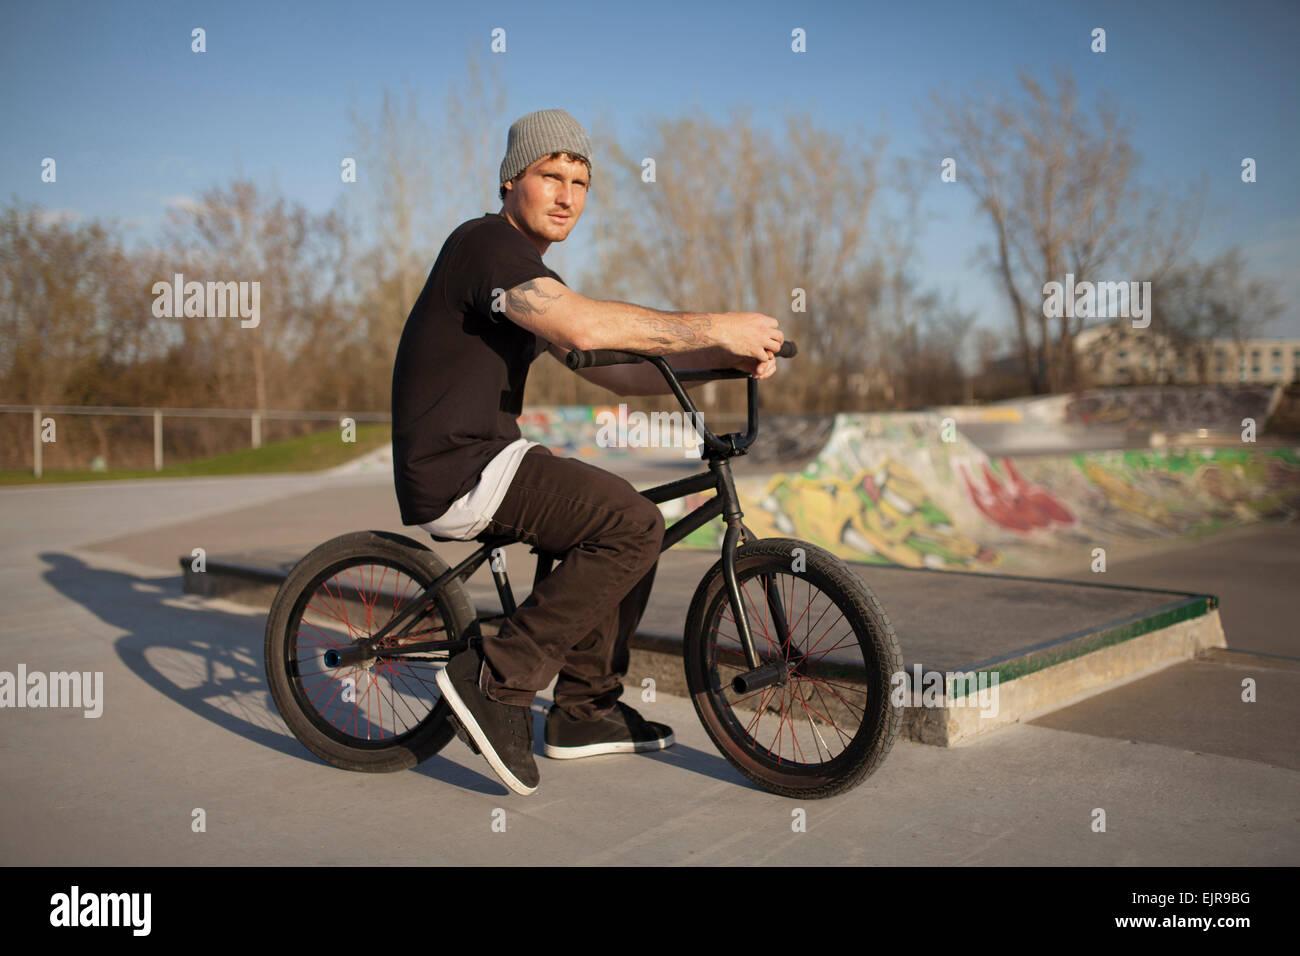 Caucasian man riding BMX bicycle at skate park - Stock Image